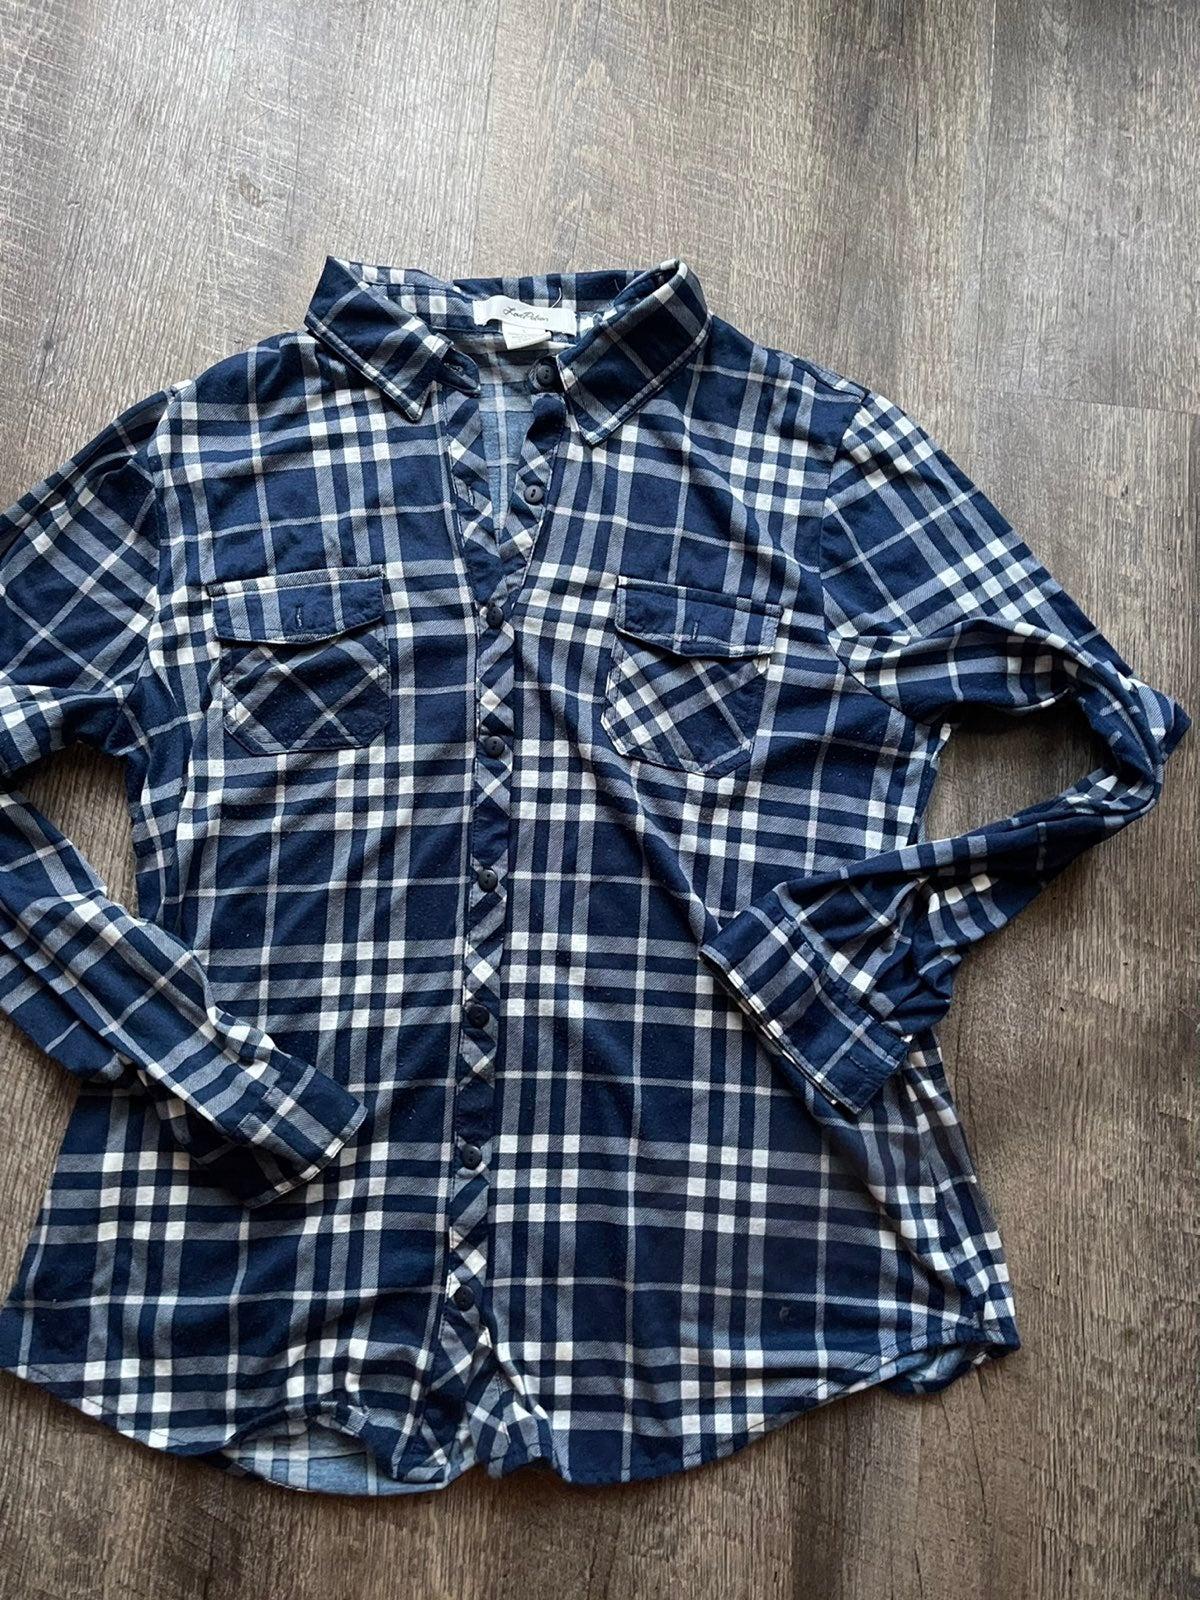 Love Potion size L blue plaid shirt